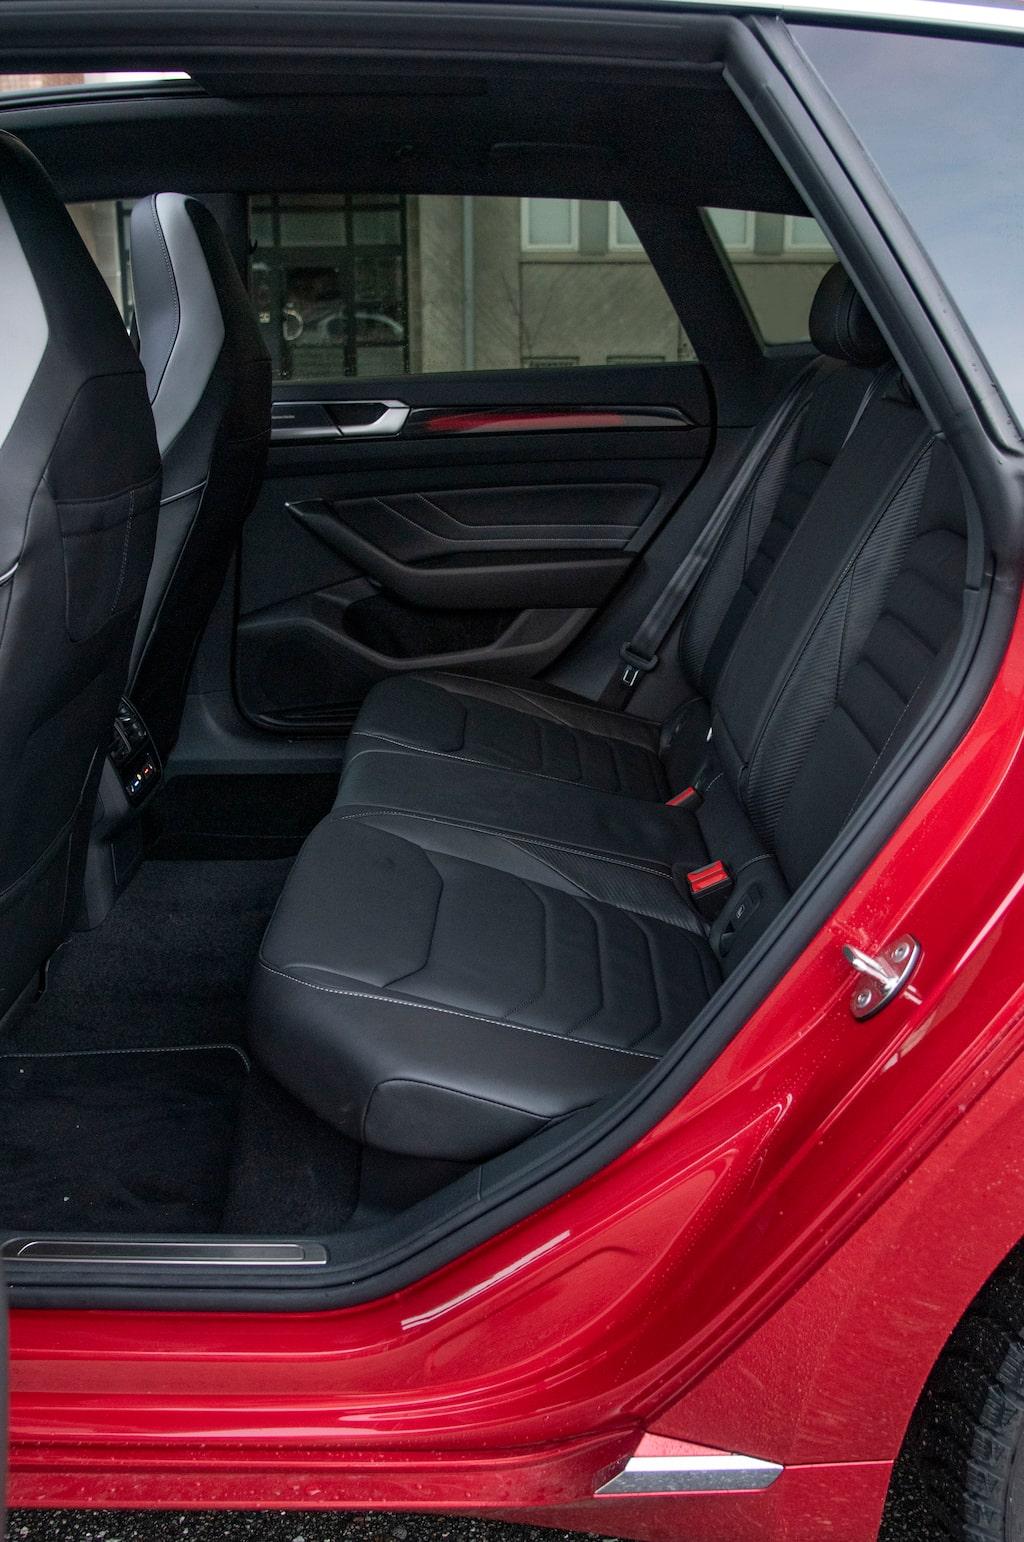 Bra utrymme i baksätet och bra komfort även vid längre resor. Lägre takhöjd än i exempelvis Passat.